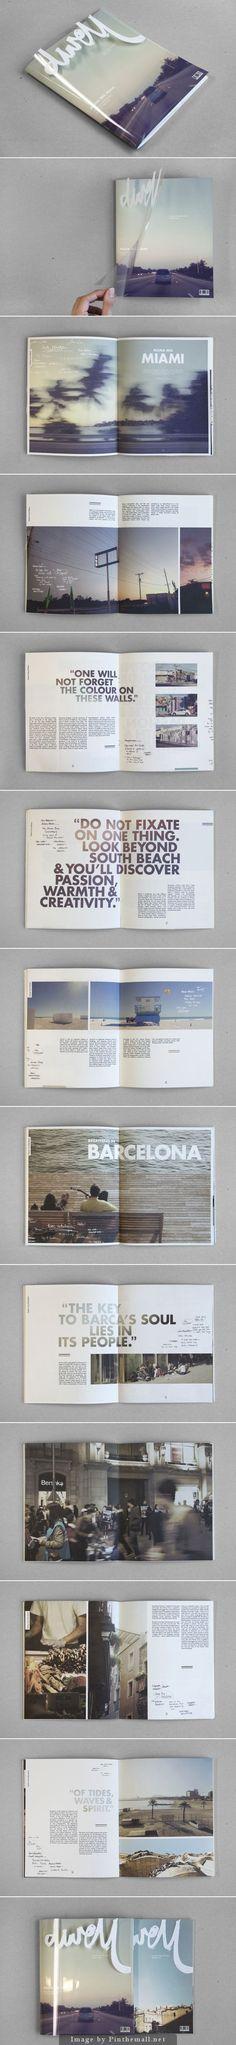 Pin de Henry Daubrez en Print design / Branding   Pinterest